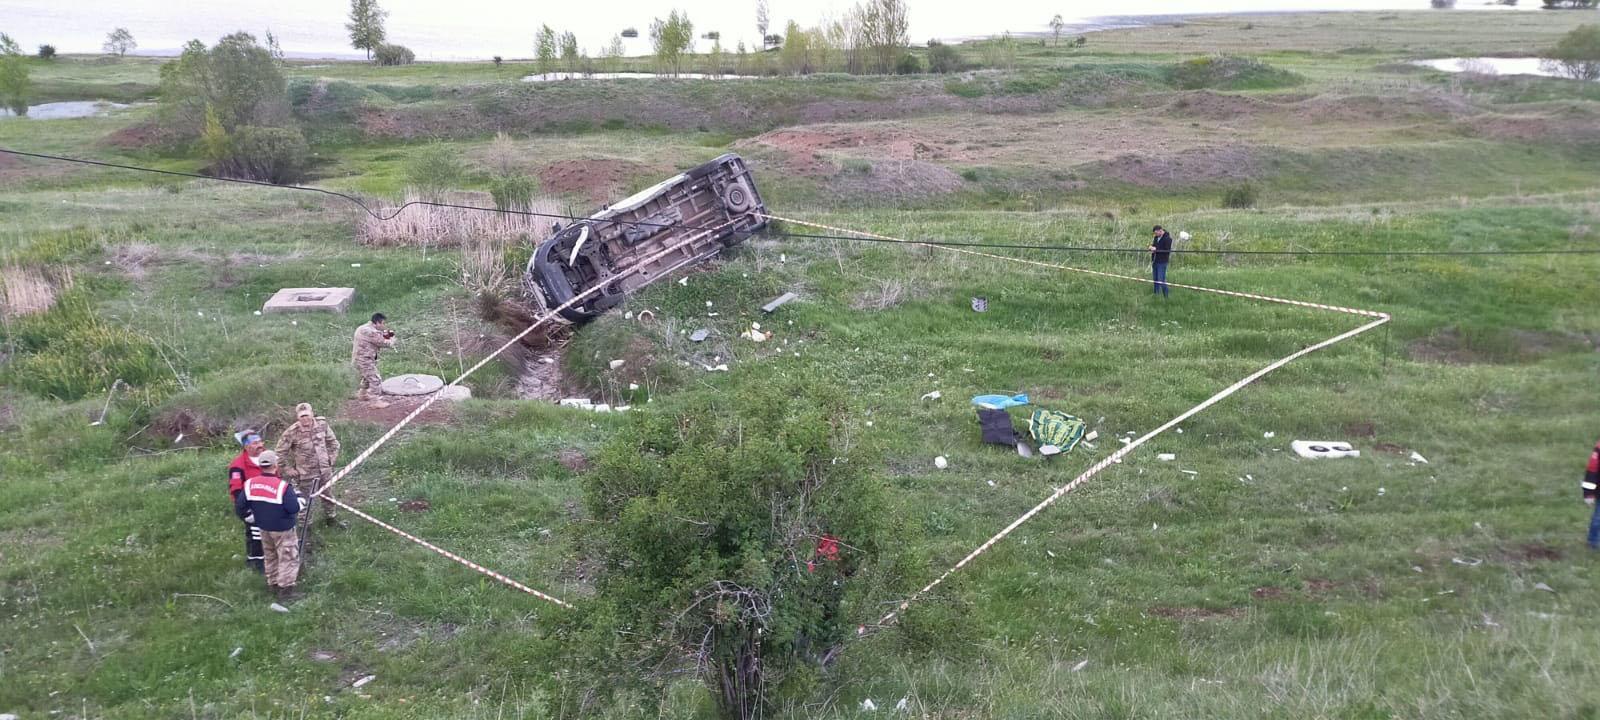 Sivas'ta cenaze aracı devrildi 1 ölü